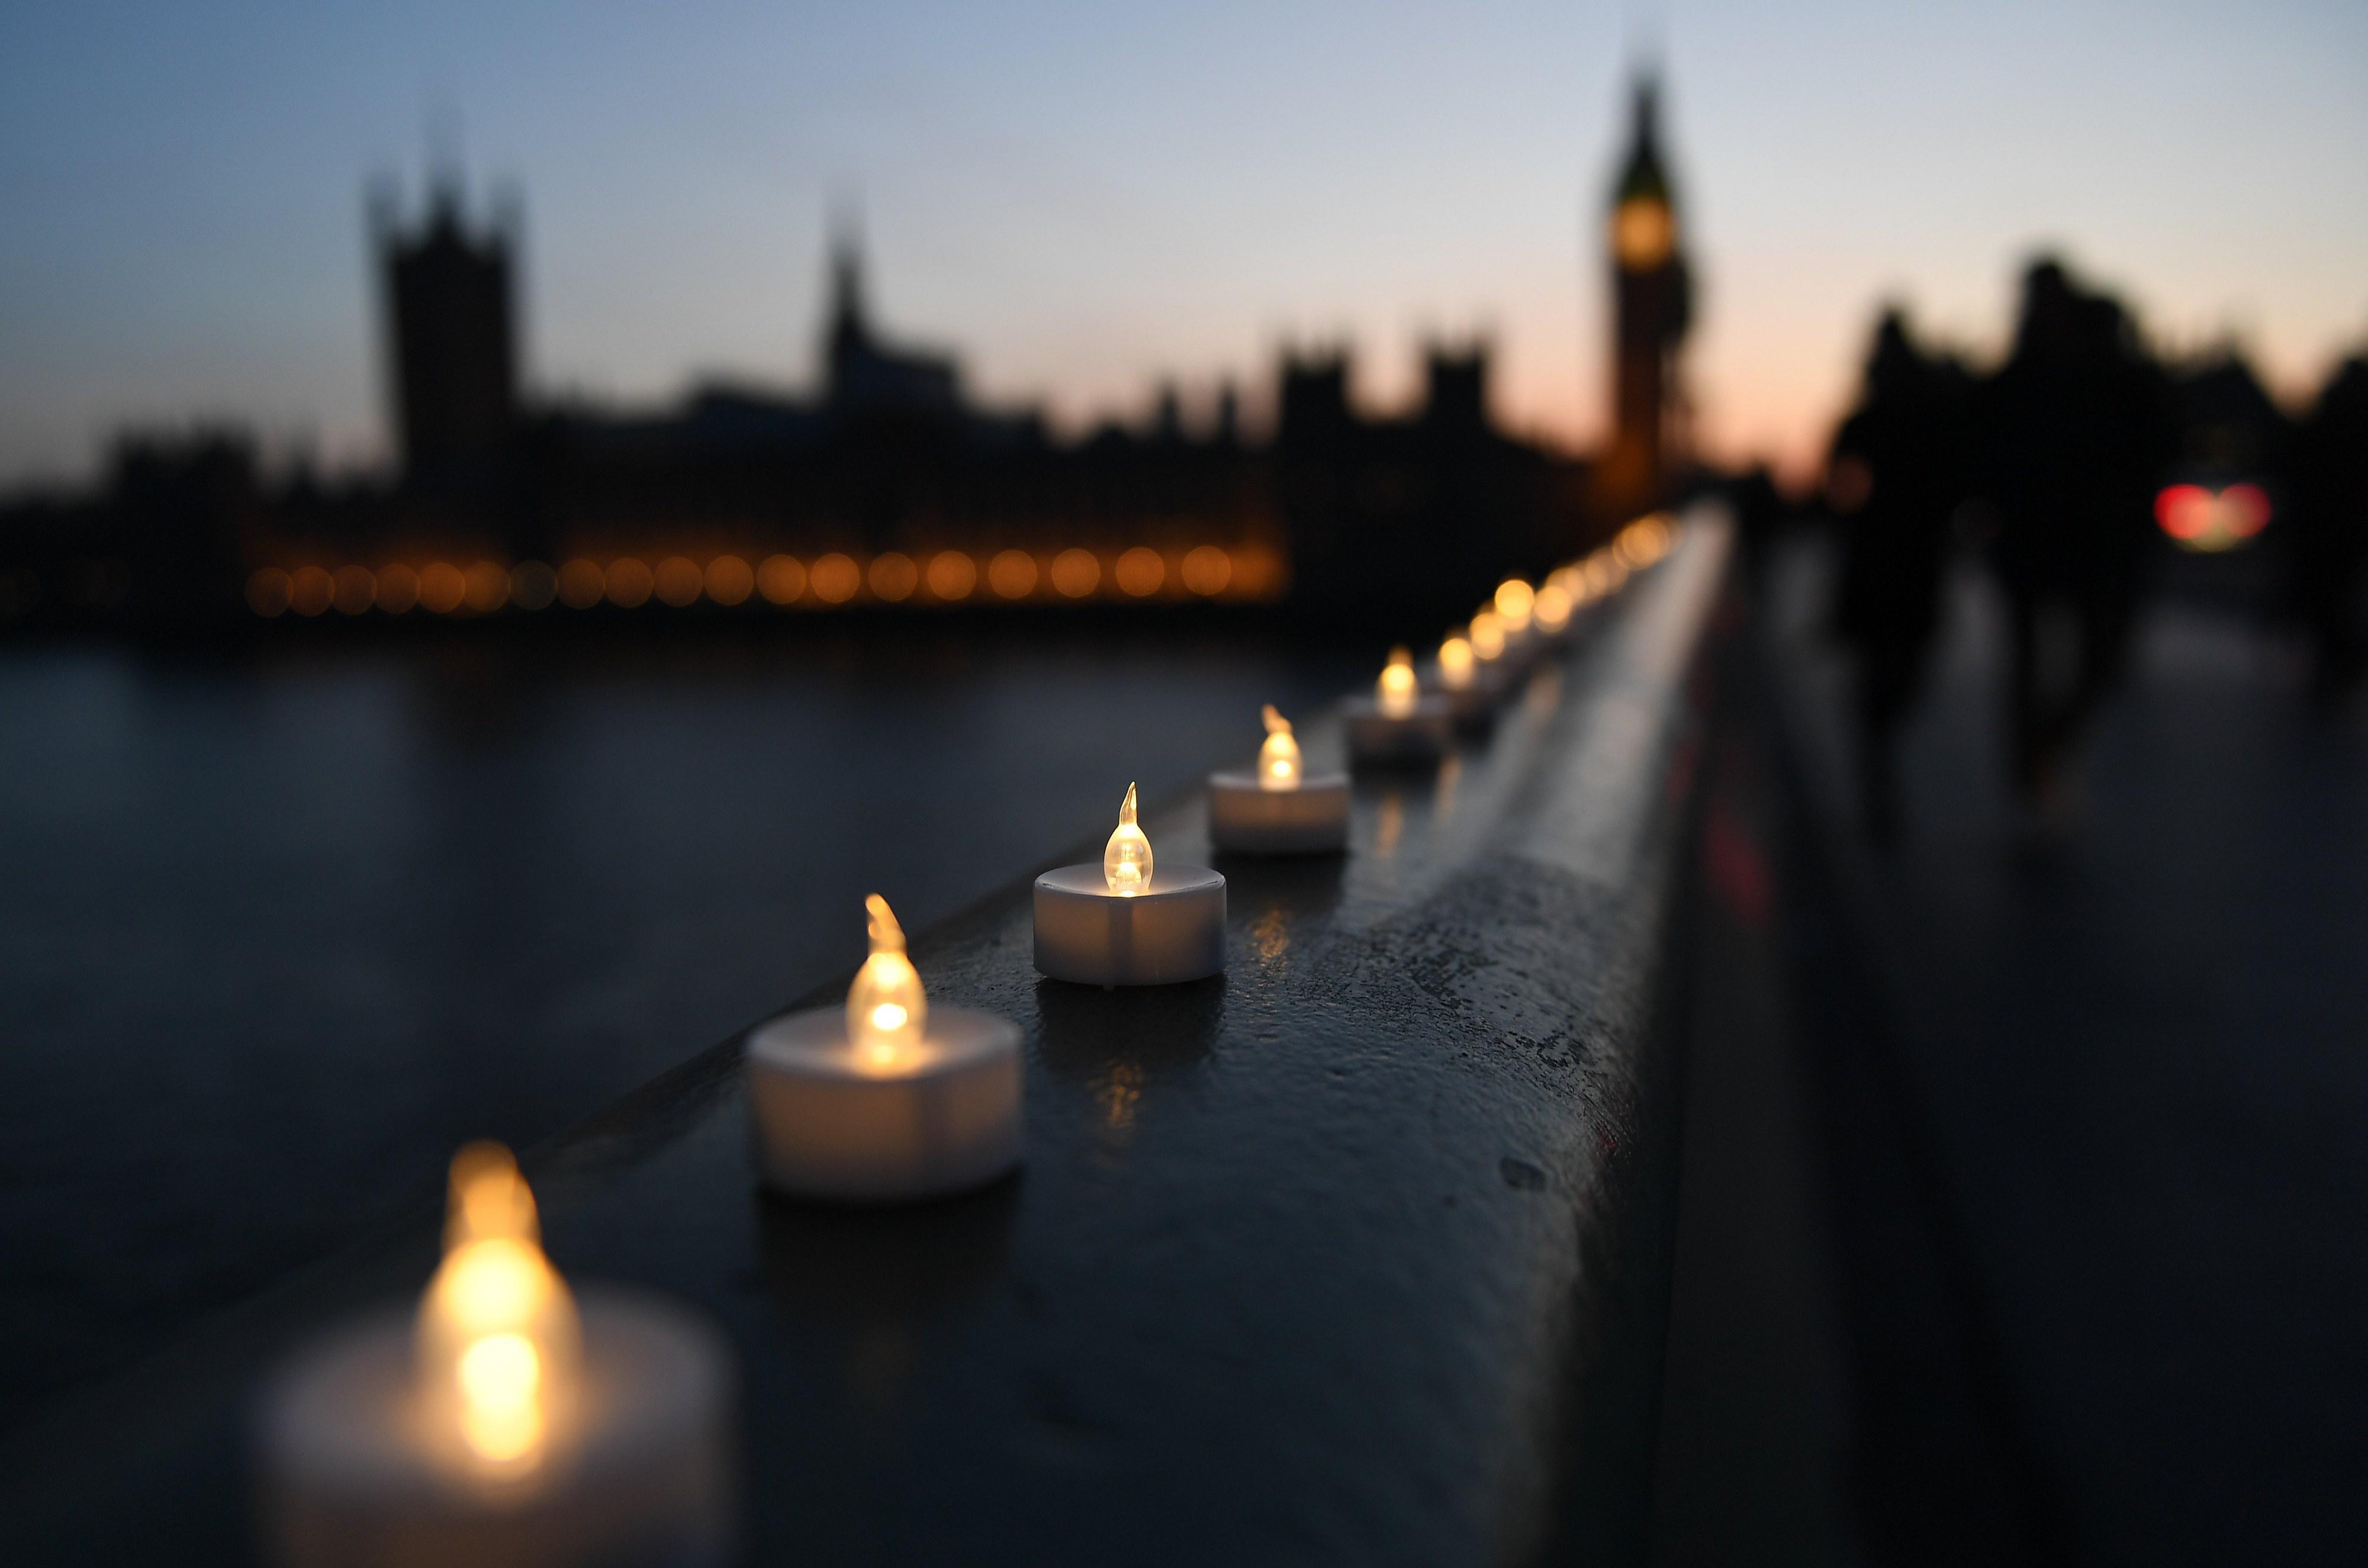 Embaixada da Arábia Saudita diz que Masood, suspeito do atentado em Londres, esteve no país 3 vezes